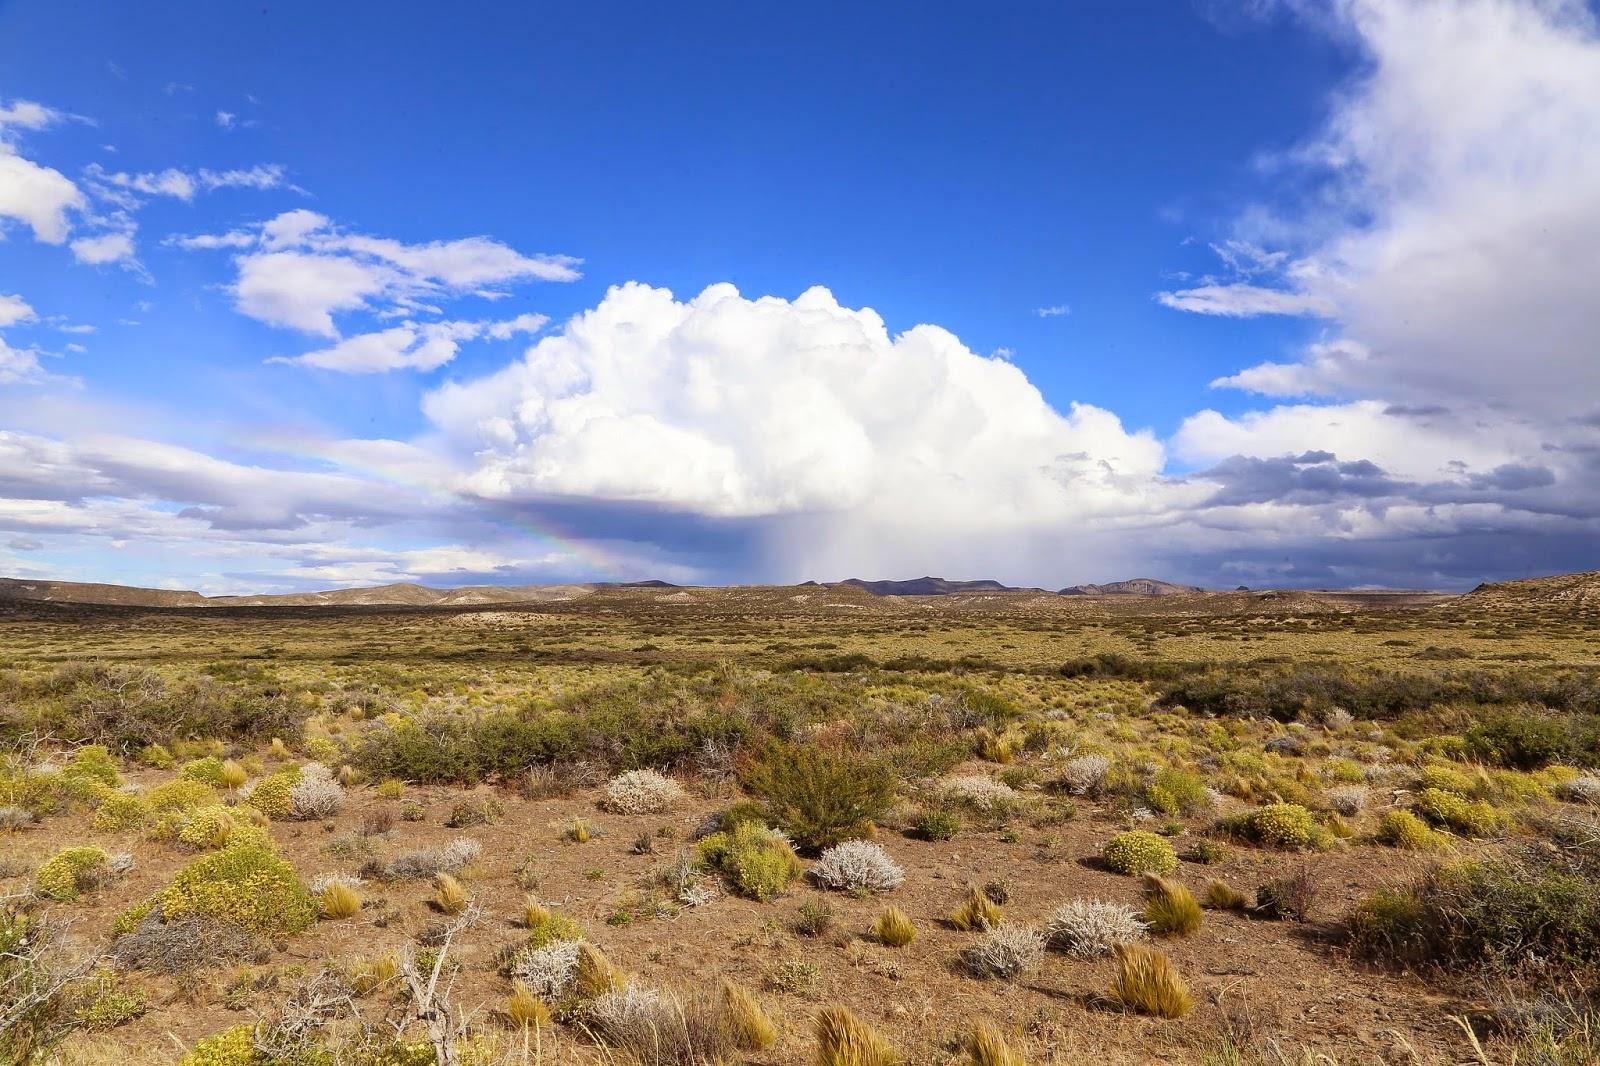 Chubut Province landscape under a blue sky.